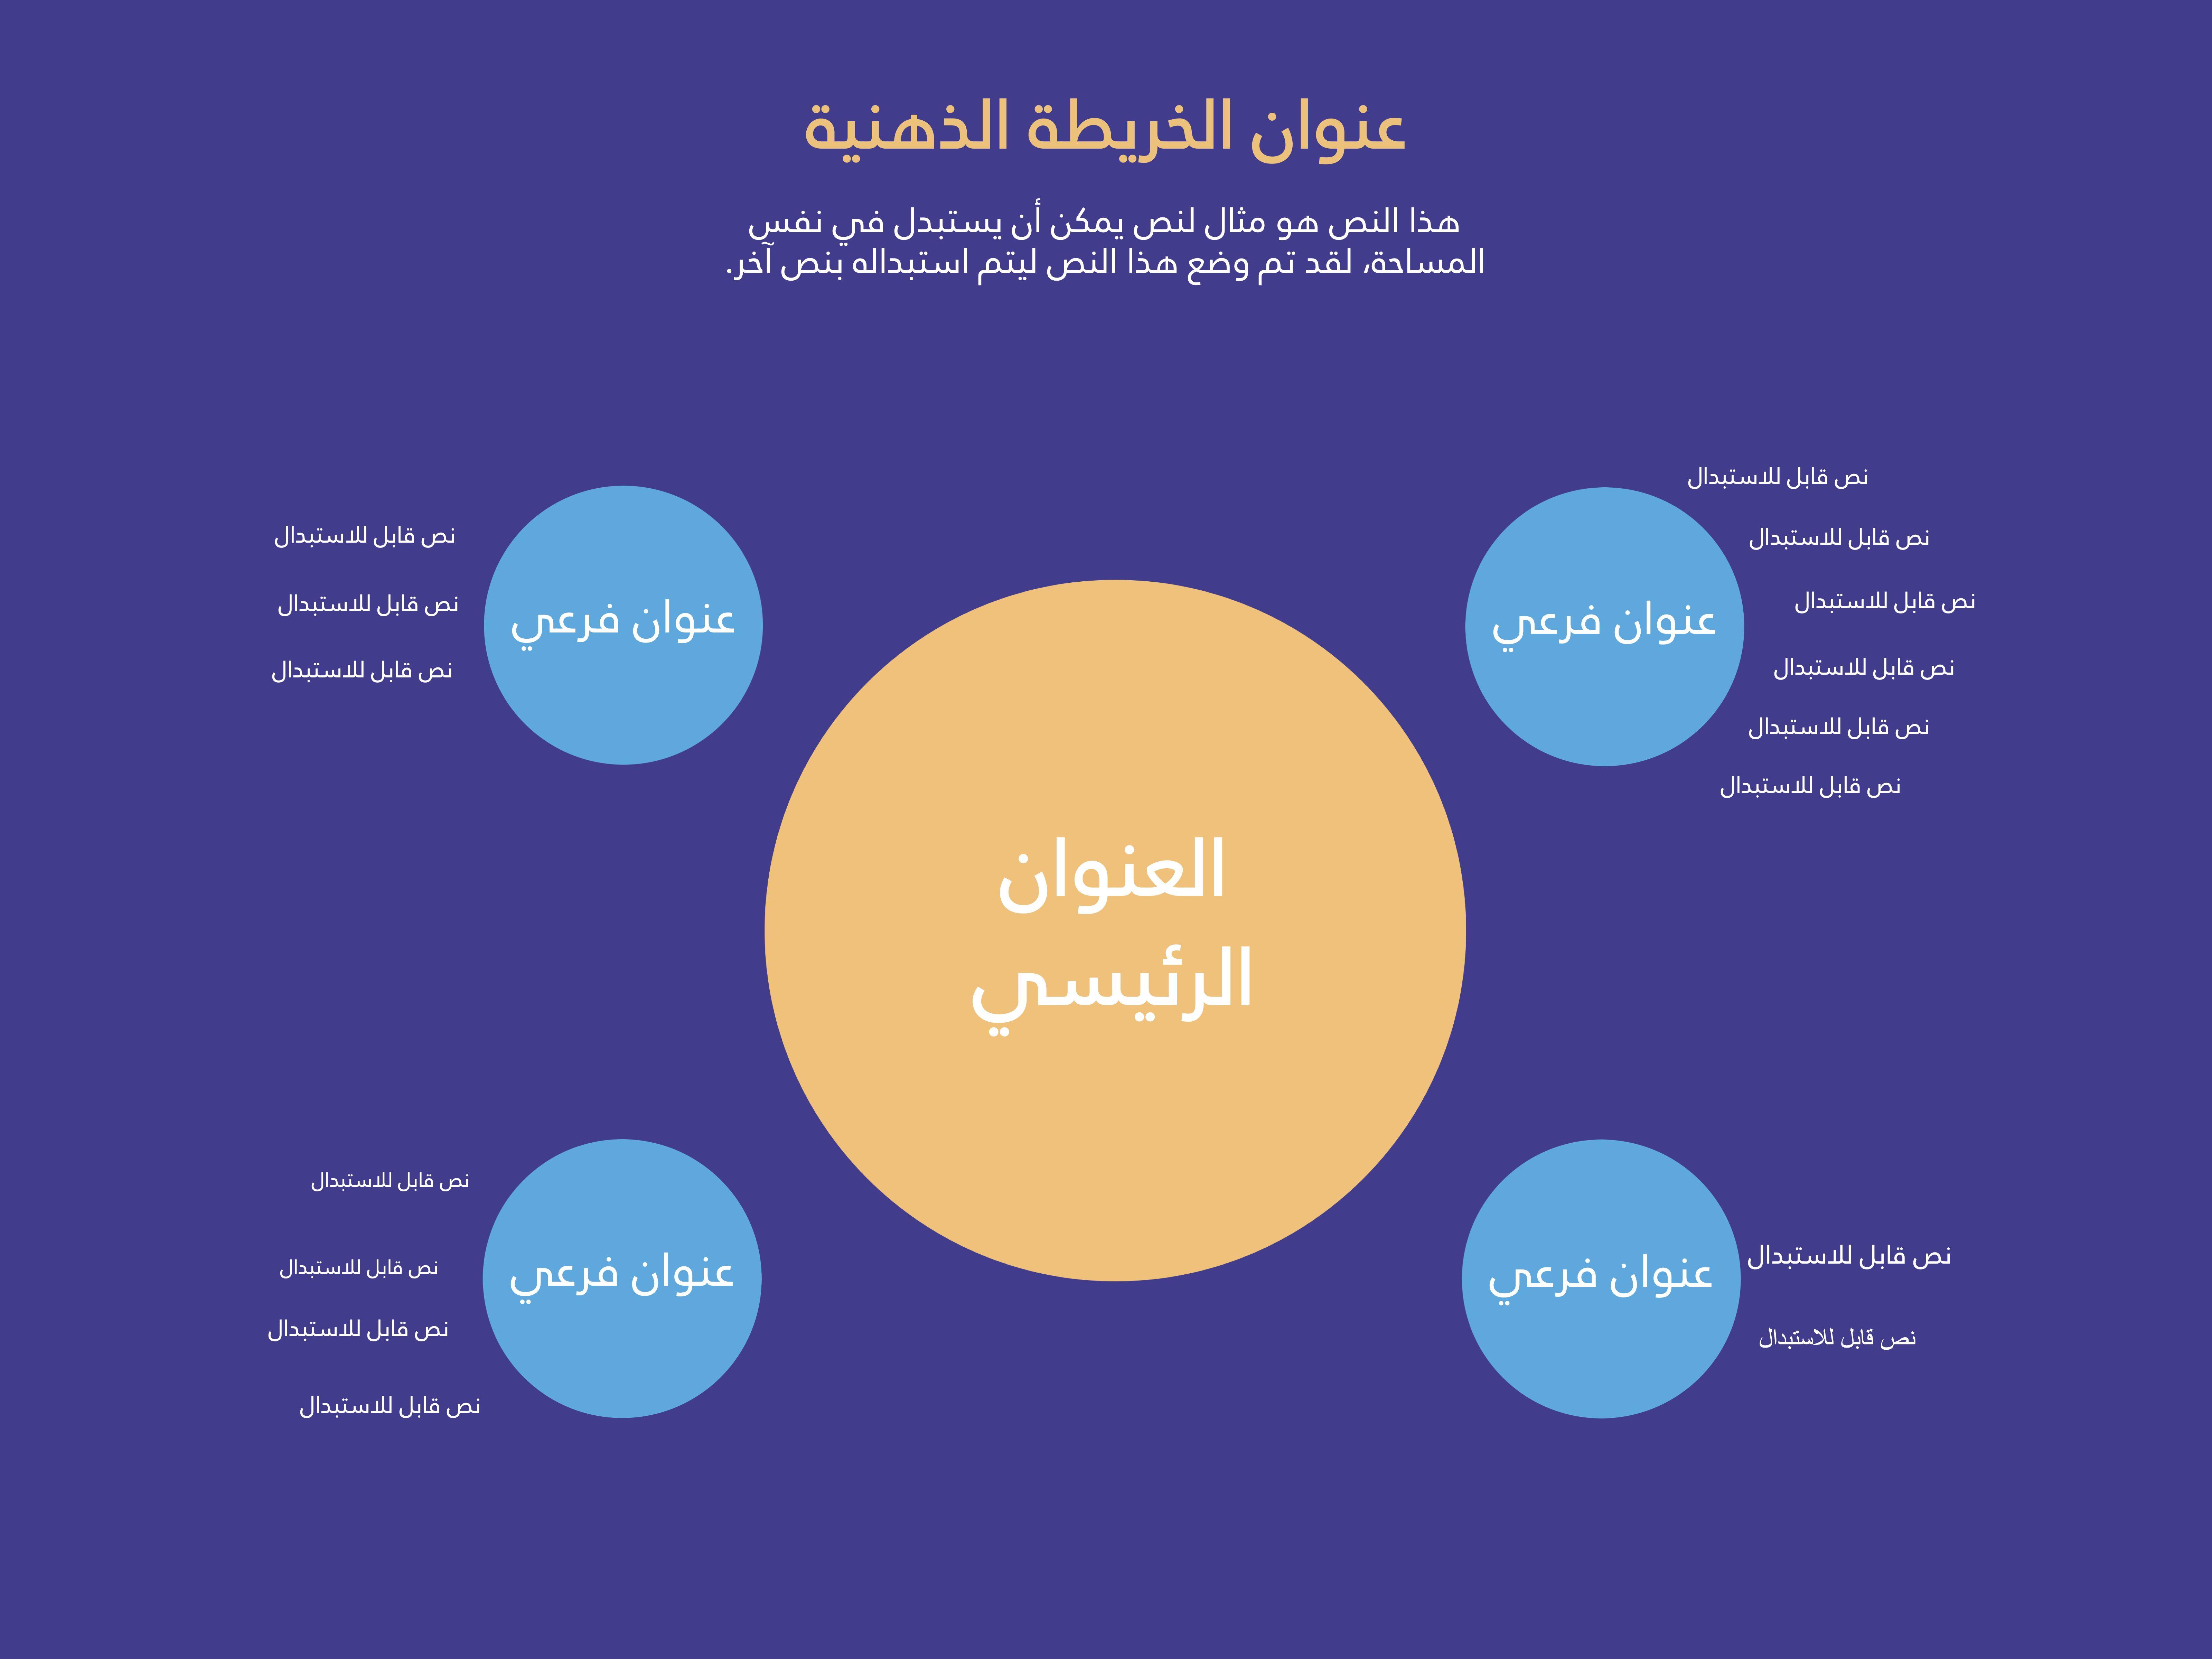 قالب خريطة ذهنية عربي In 2021 Eyeshadow Makeup Pie Chart Chart